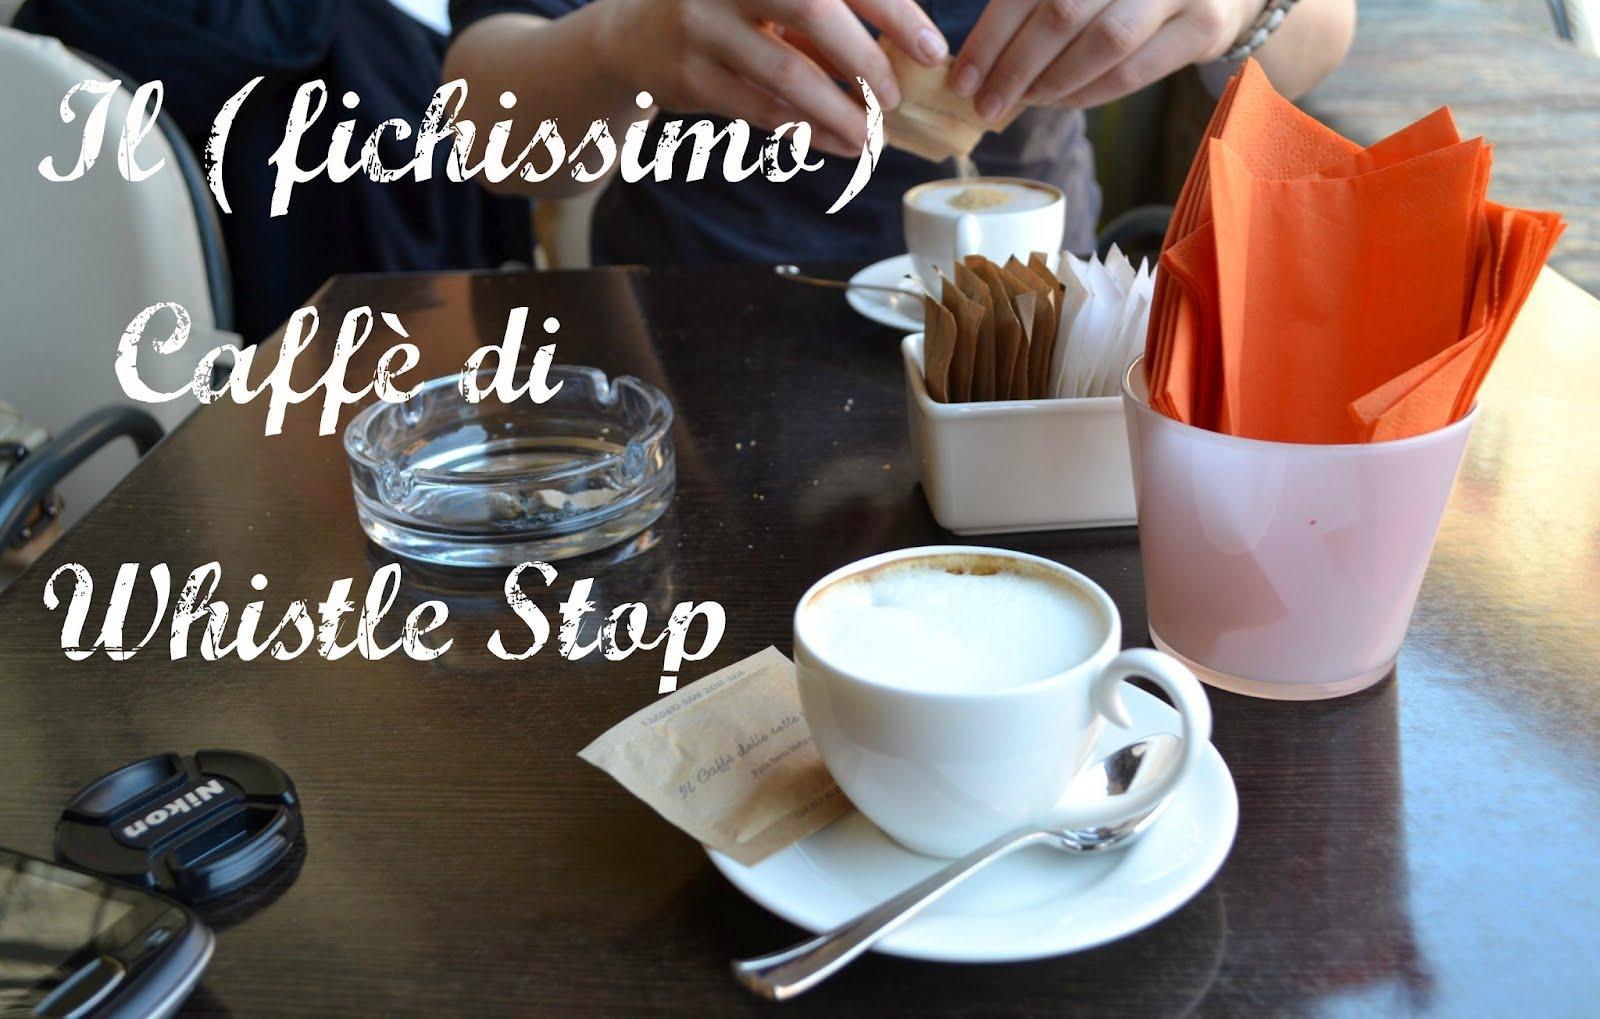 Il (fichissimo) Caffè di Whistle Stop